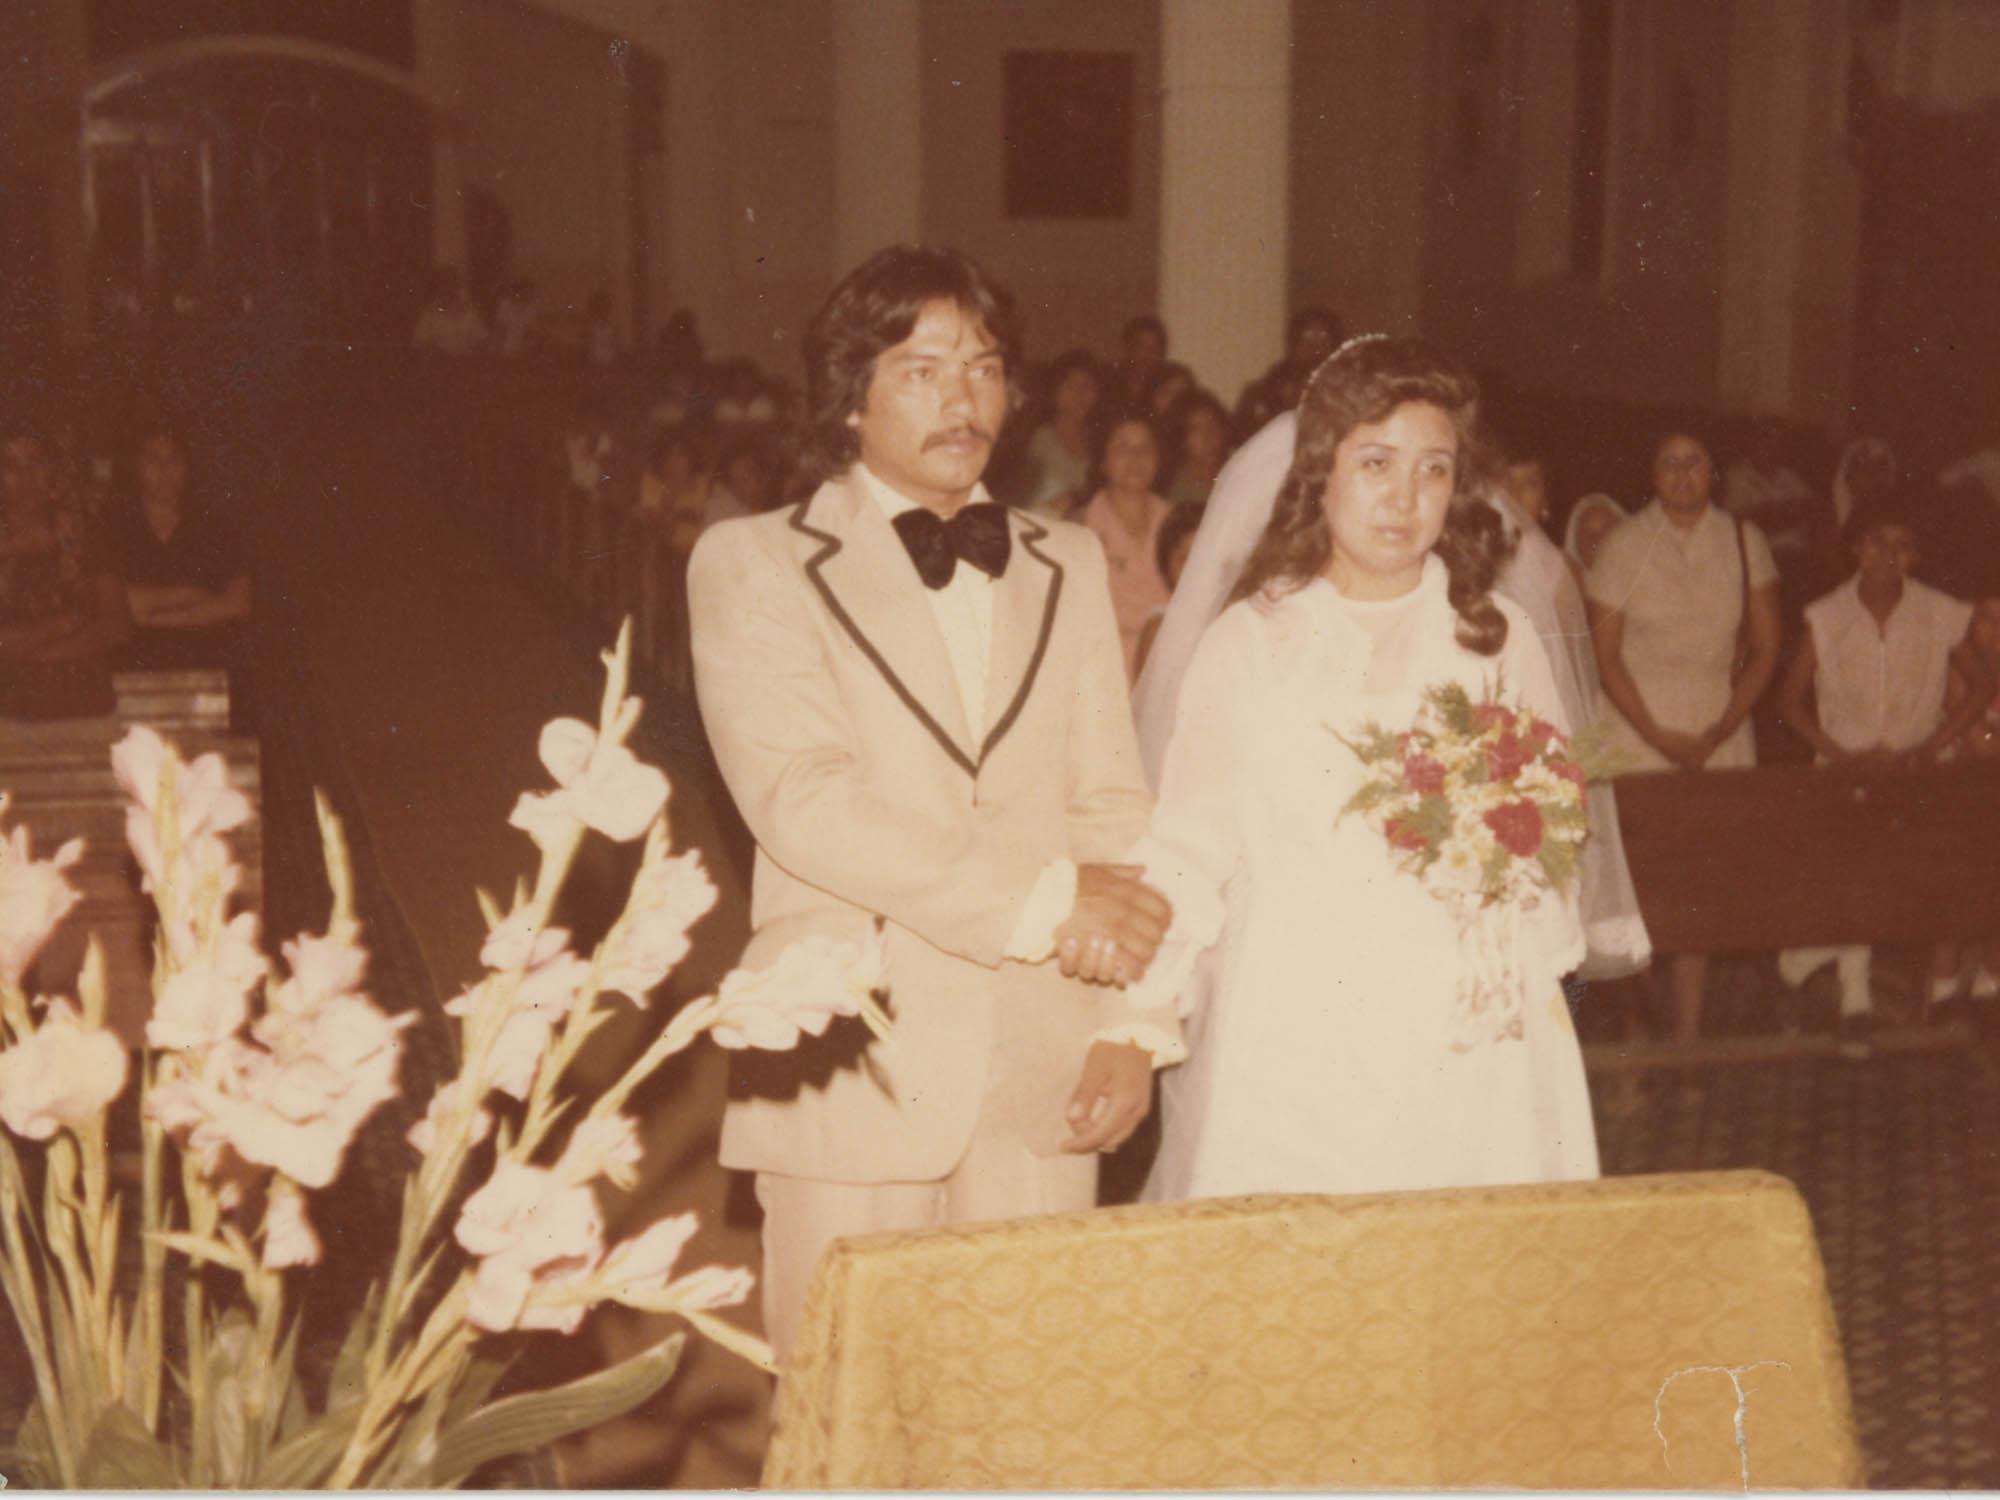 Fotografía de la boda religiosa de María y Jesús Bordallo / Photograph of María and Jesús Bordallo's Wedding Ceremony